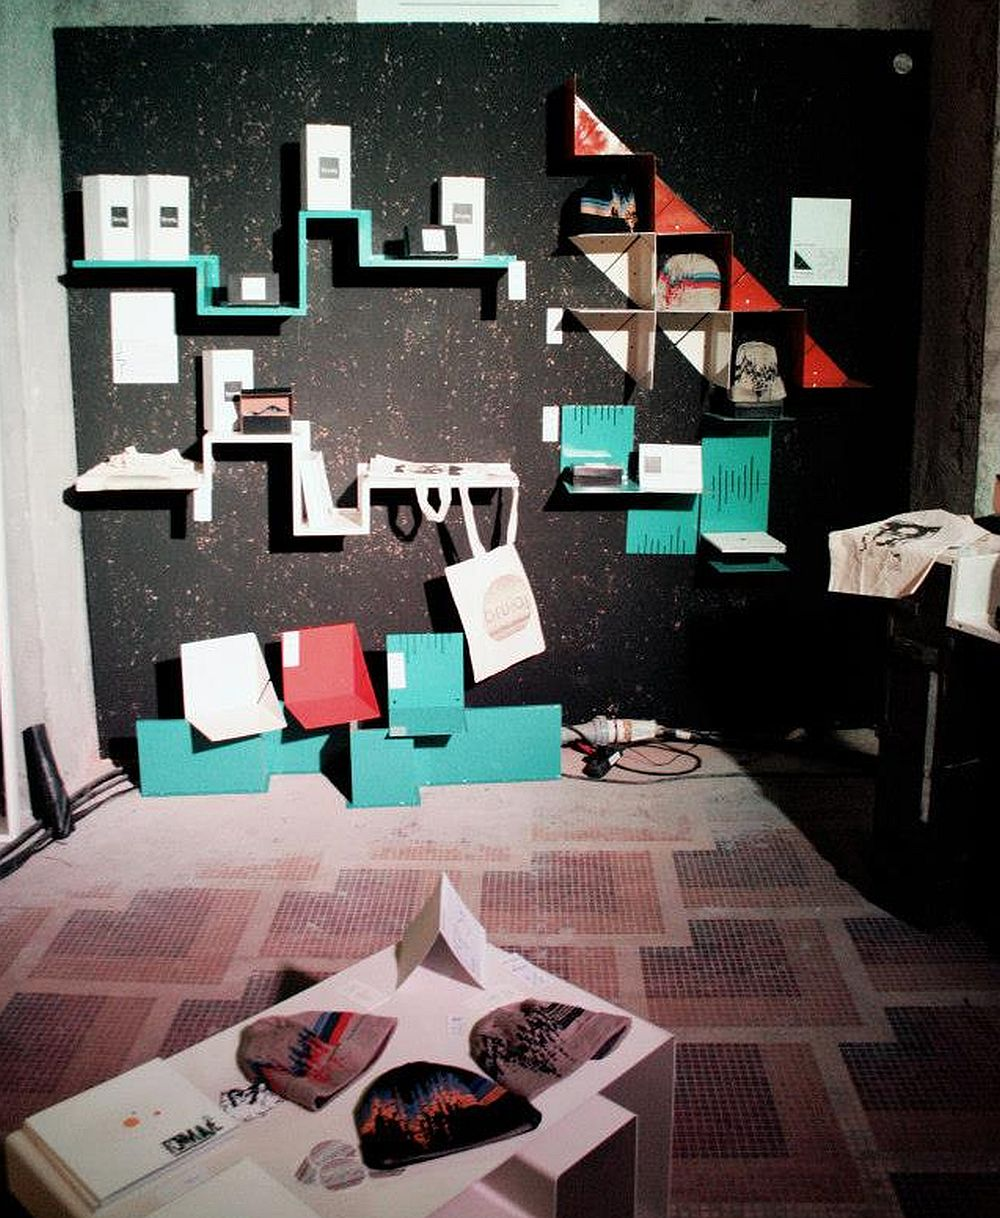 adelaparvu.com about Rizi design products, designers arch.Alina Rizescu and Bogdan Stefanescu (2)